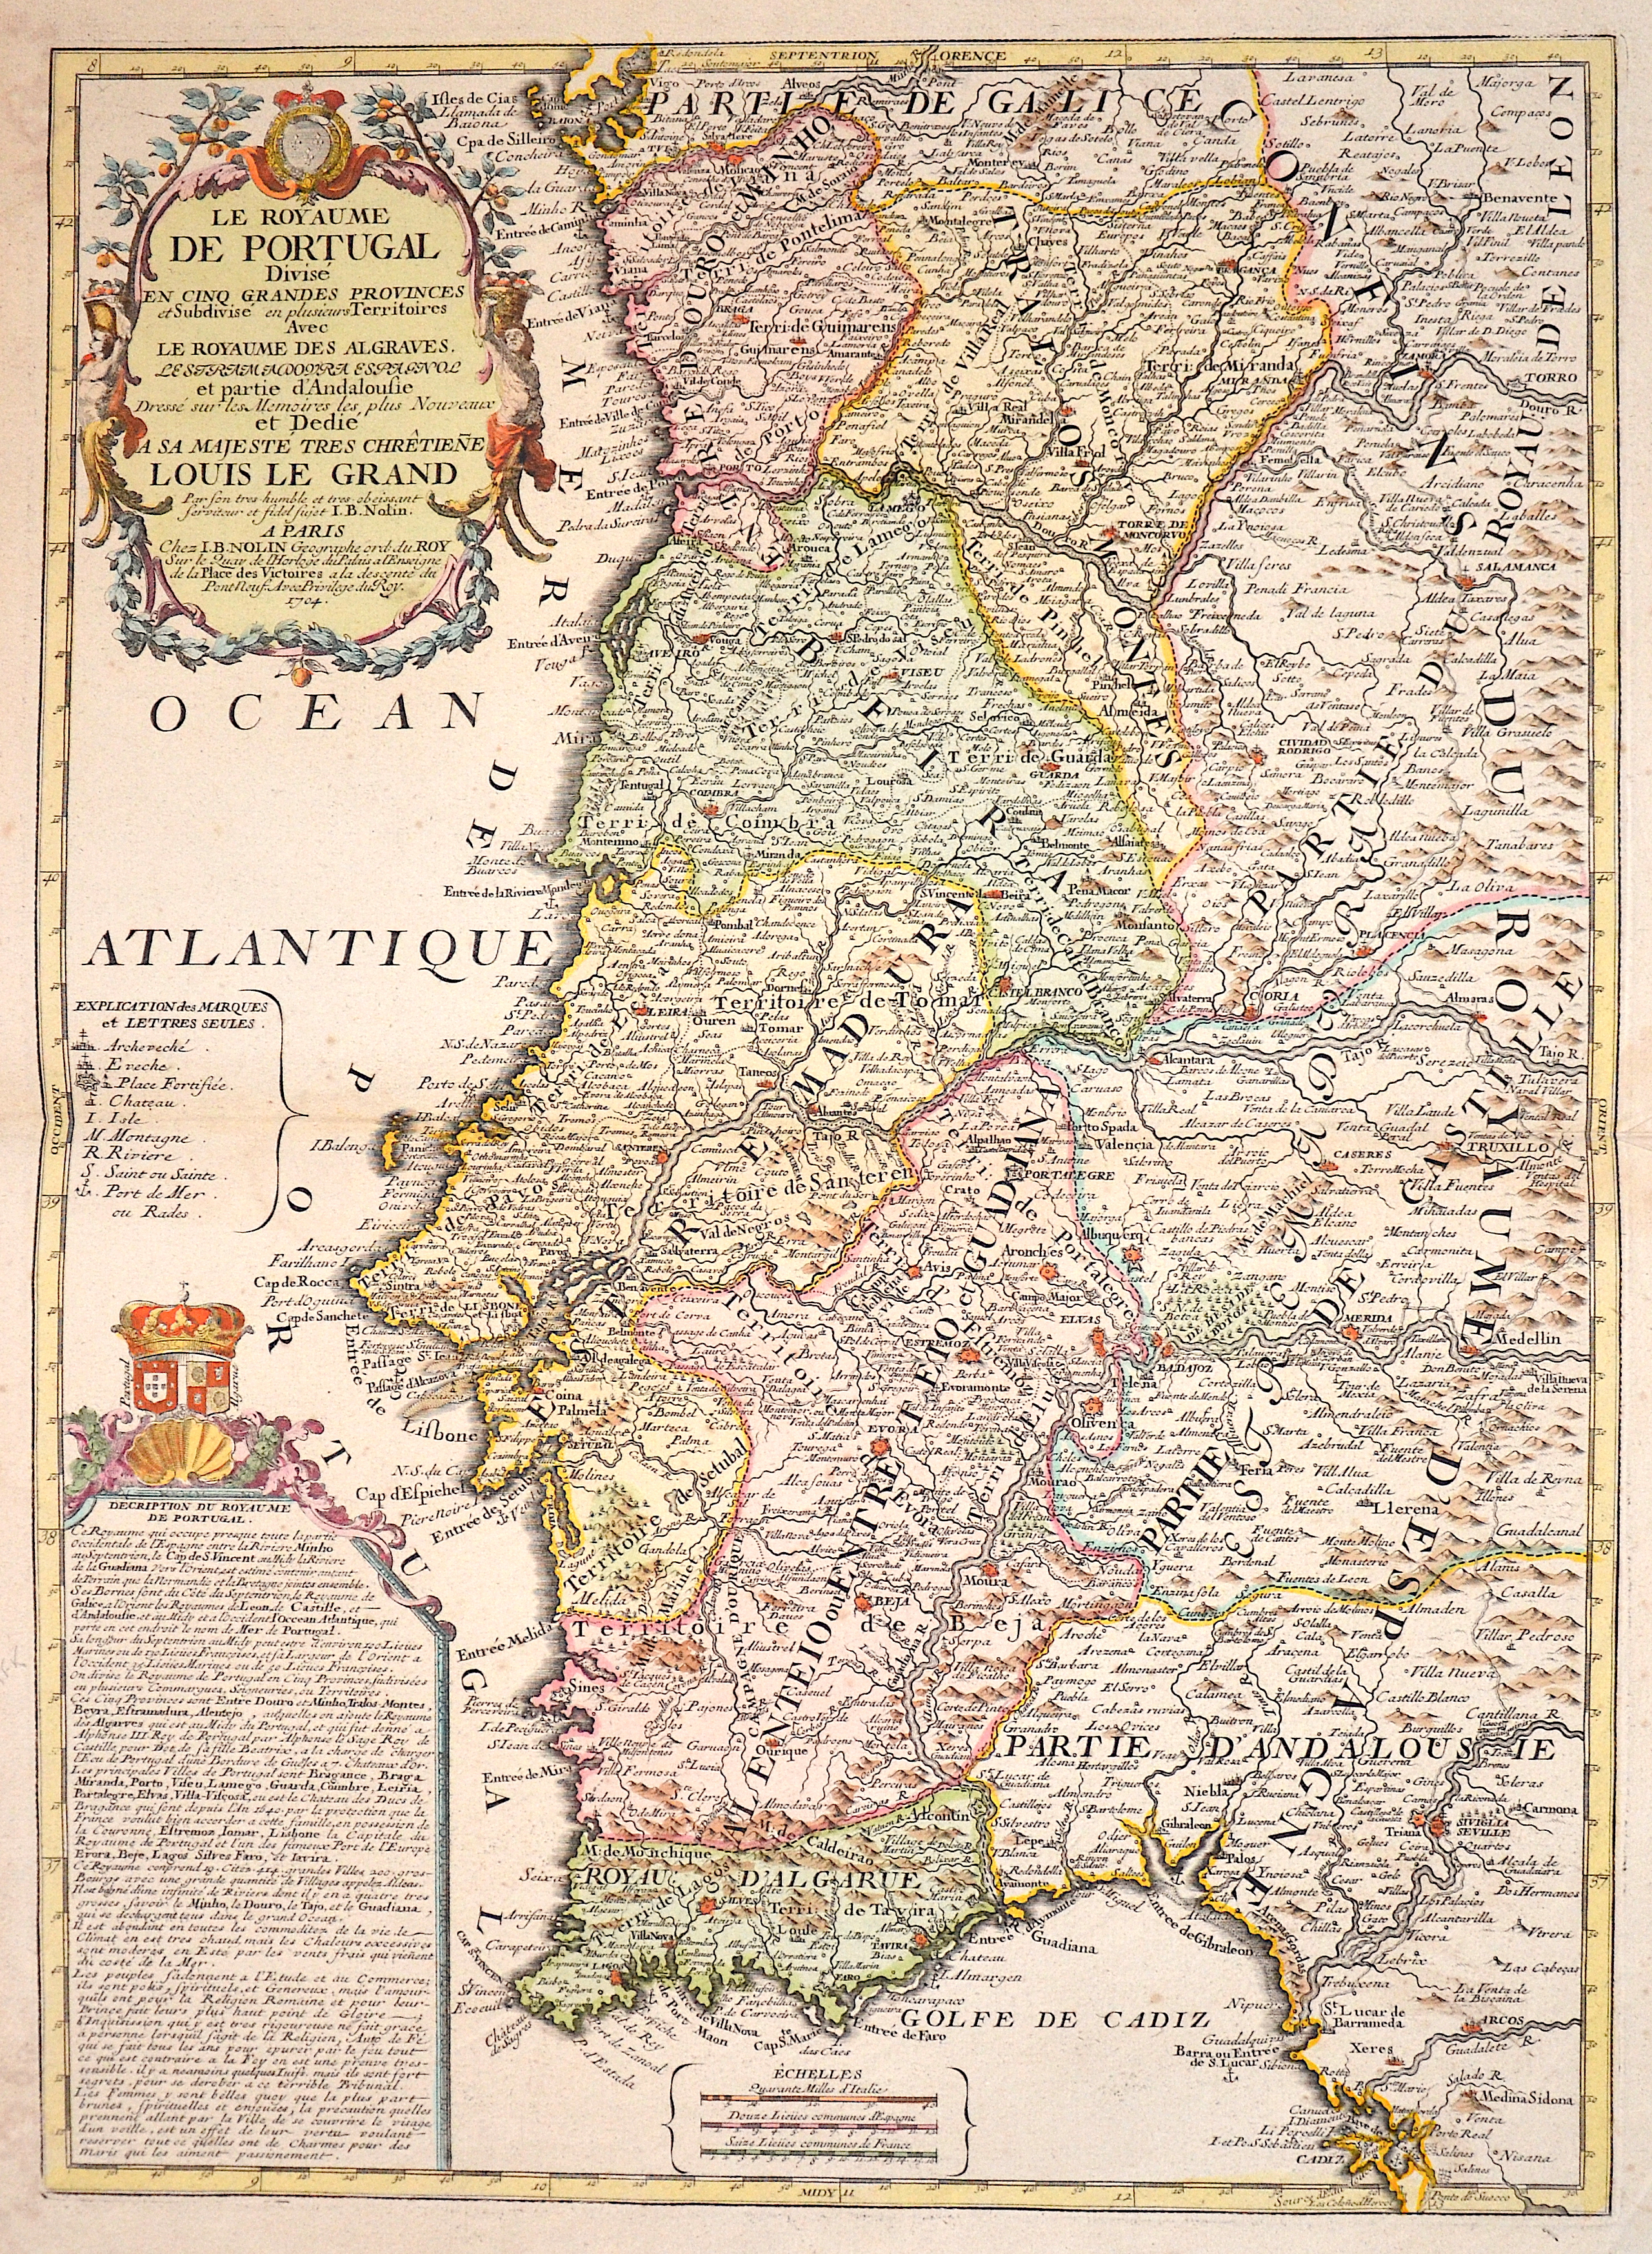 Nolin Jean Baptiste Le Royaume de Portugal divise en cinq grandes Privinces..